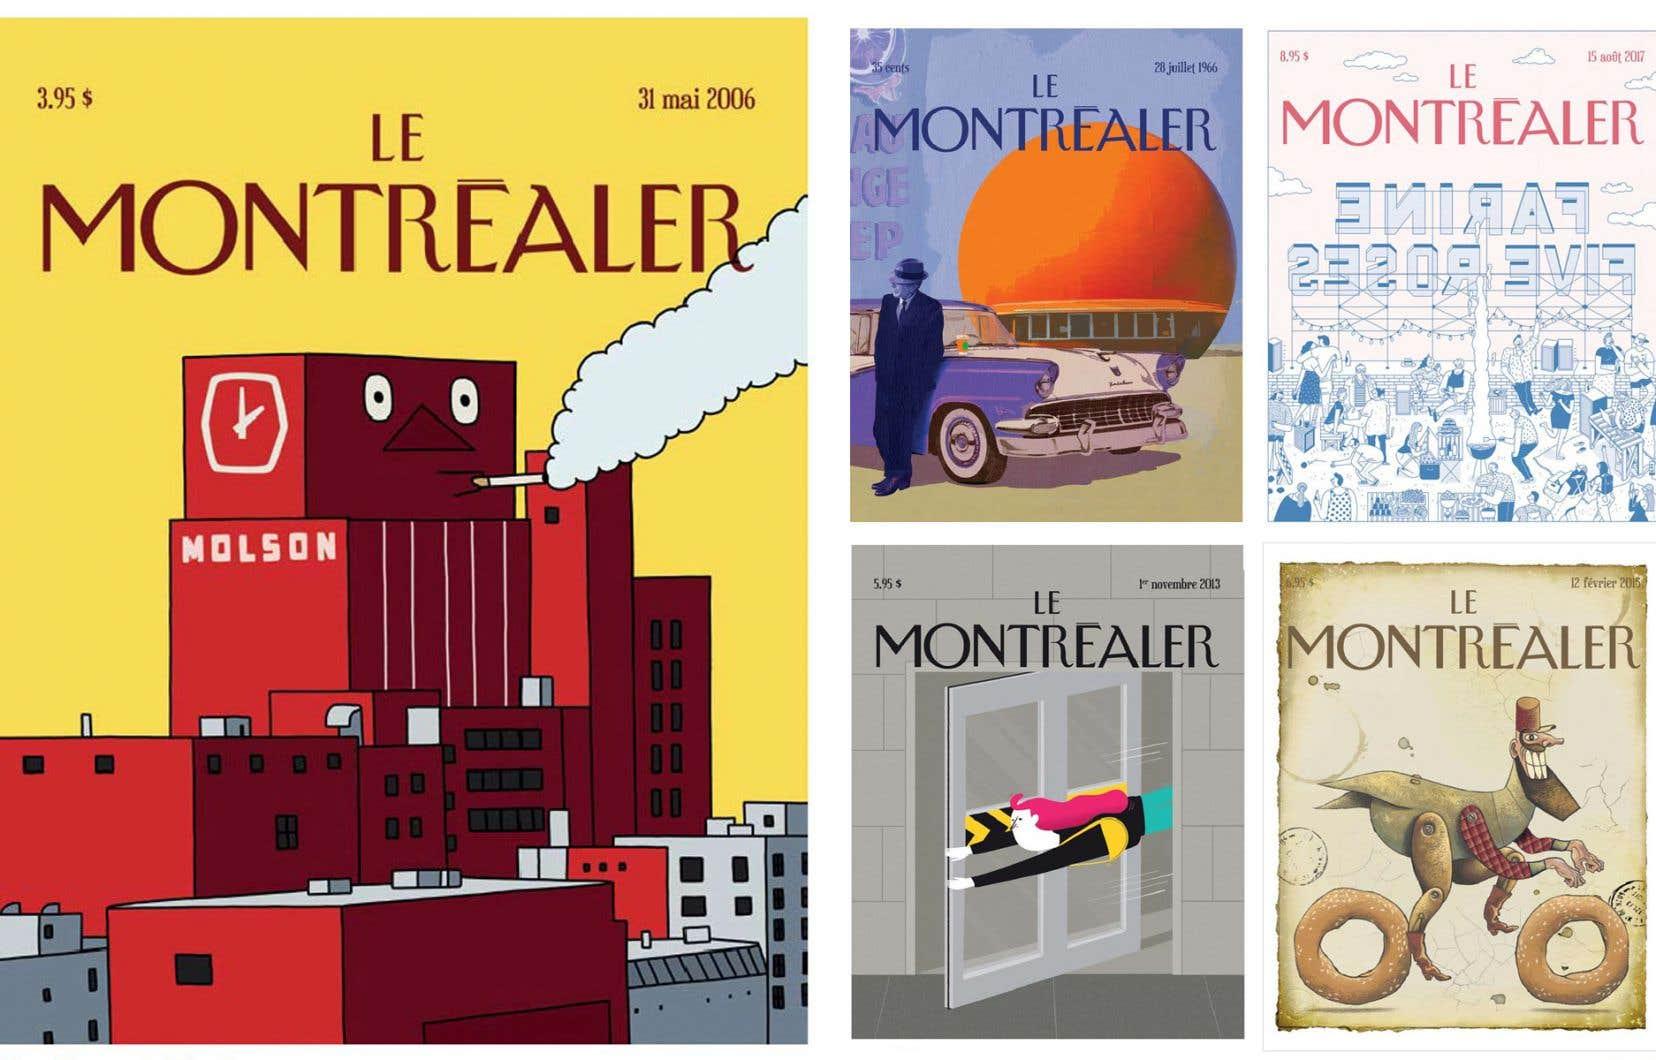 Les couvertures conçues par Diane Obomsawin, Alain Reno, Guillaume Perreault, Marie Mainguy et Pol Turgeon